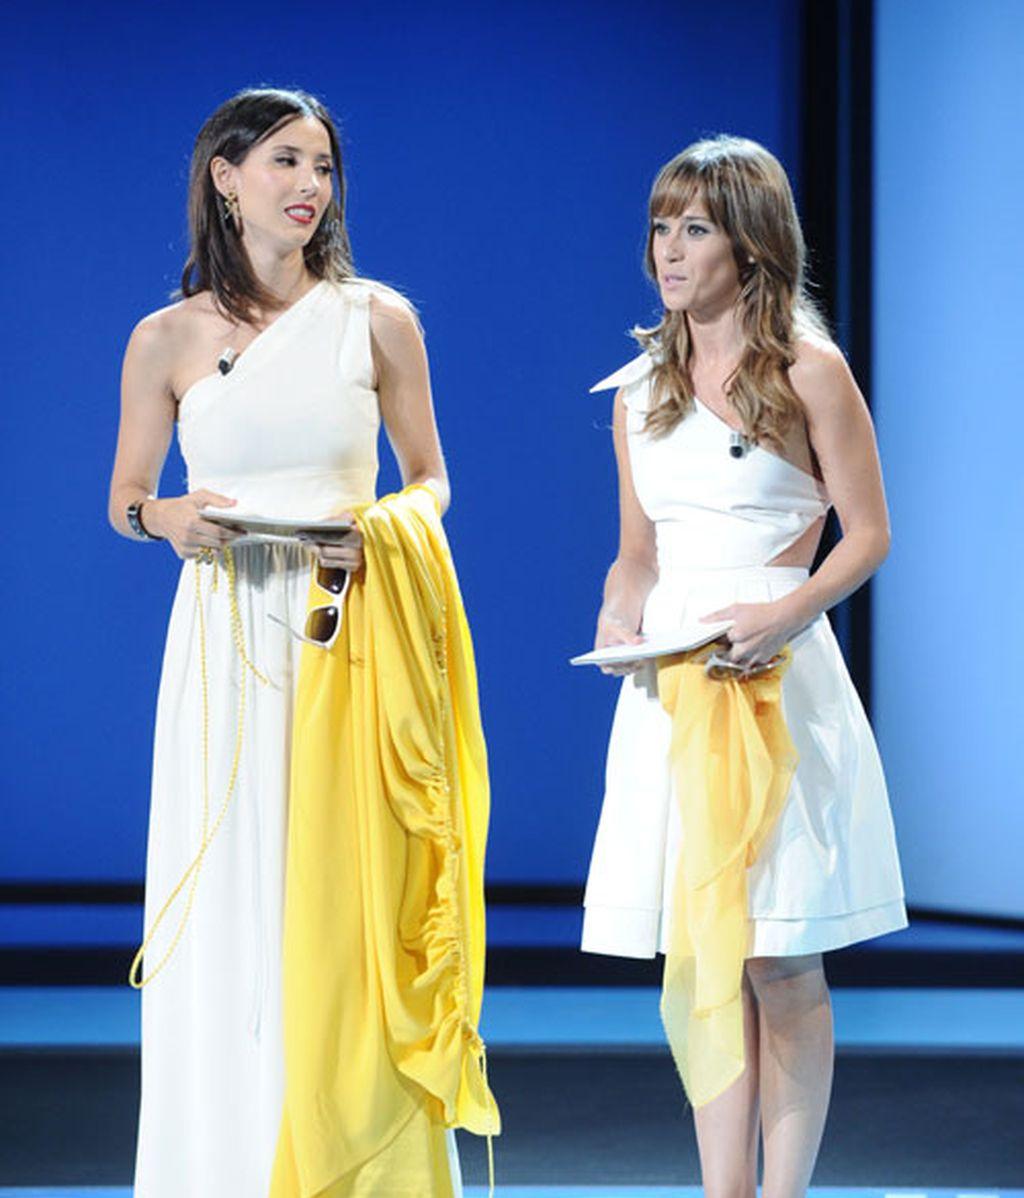 Quién dijo que compartir vestido podía ser un desastre